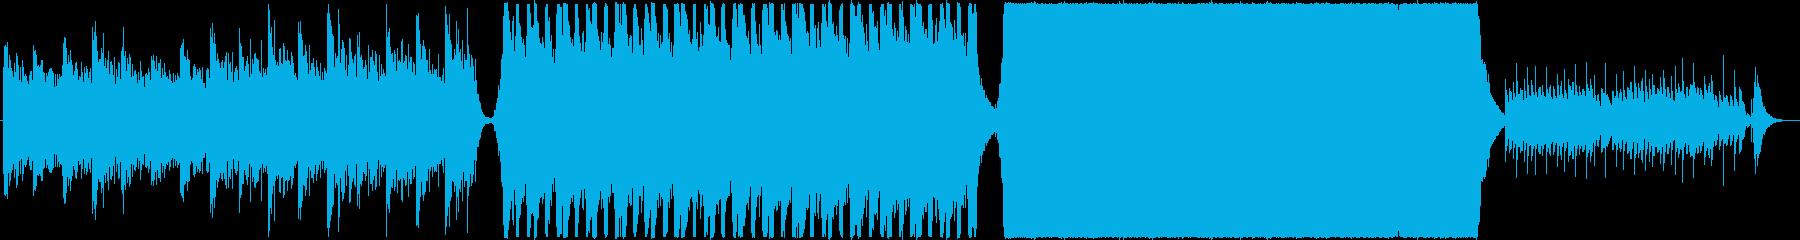 壮大・勇敢・映画・ハリウッド風トレーラーの再生済みの波形